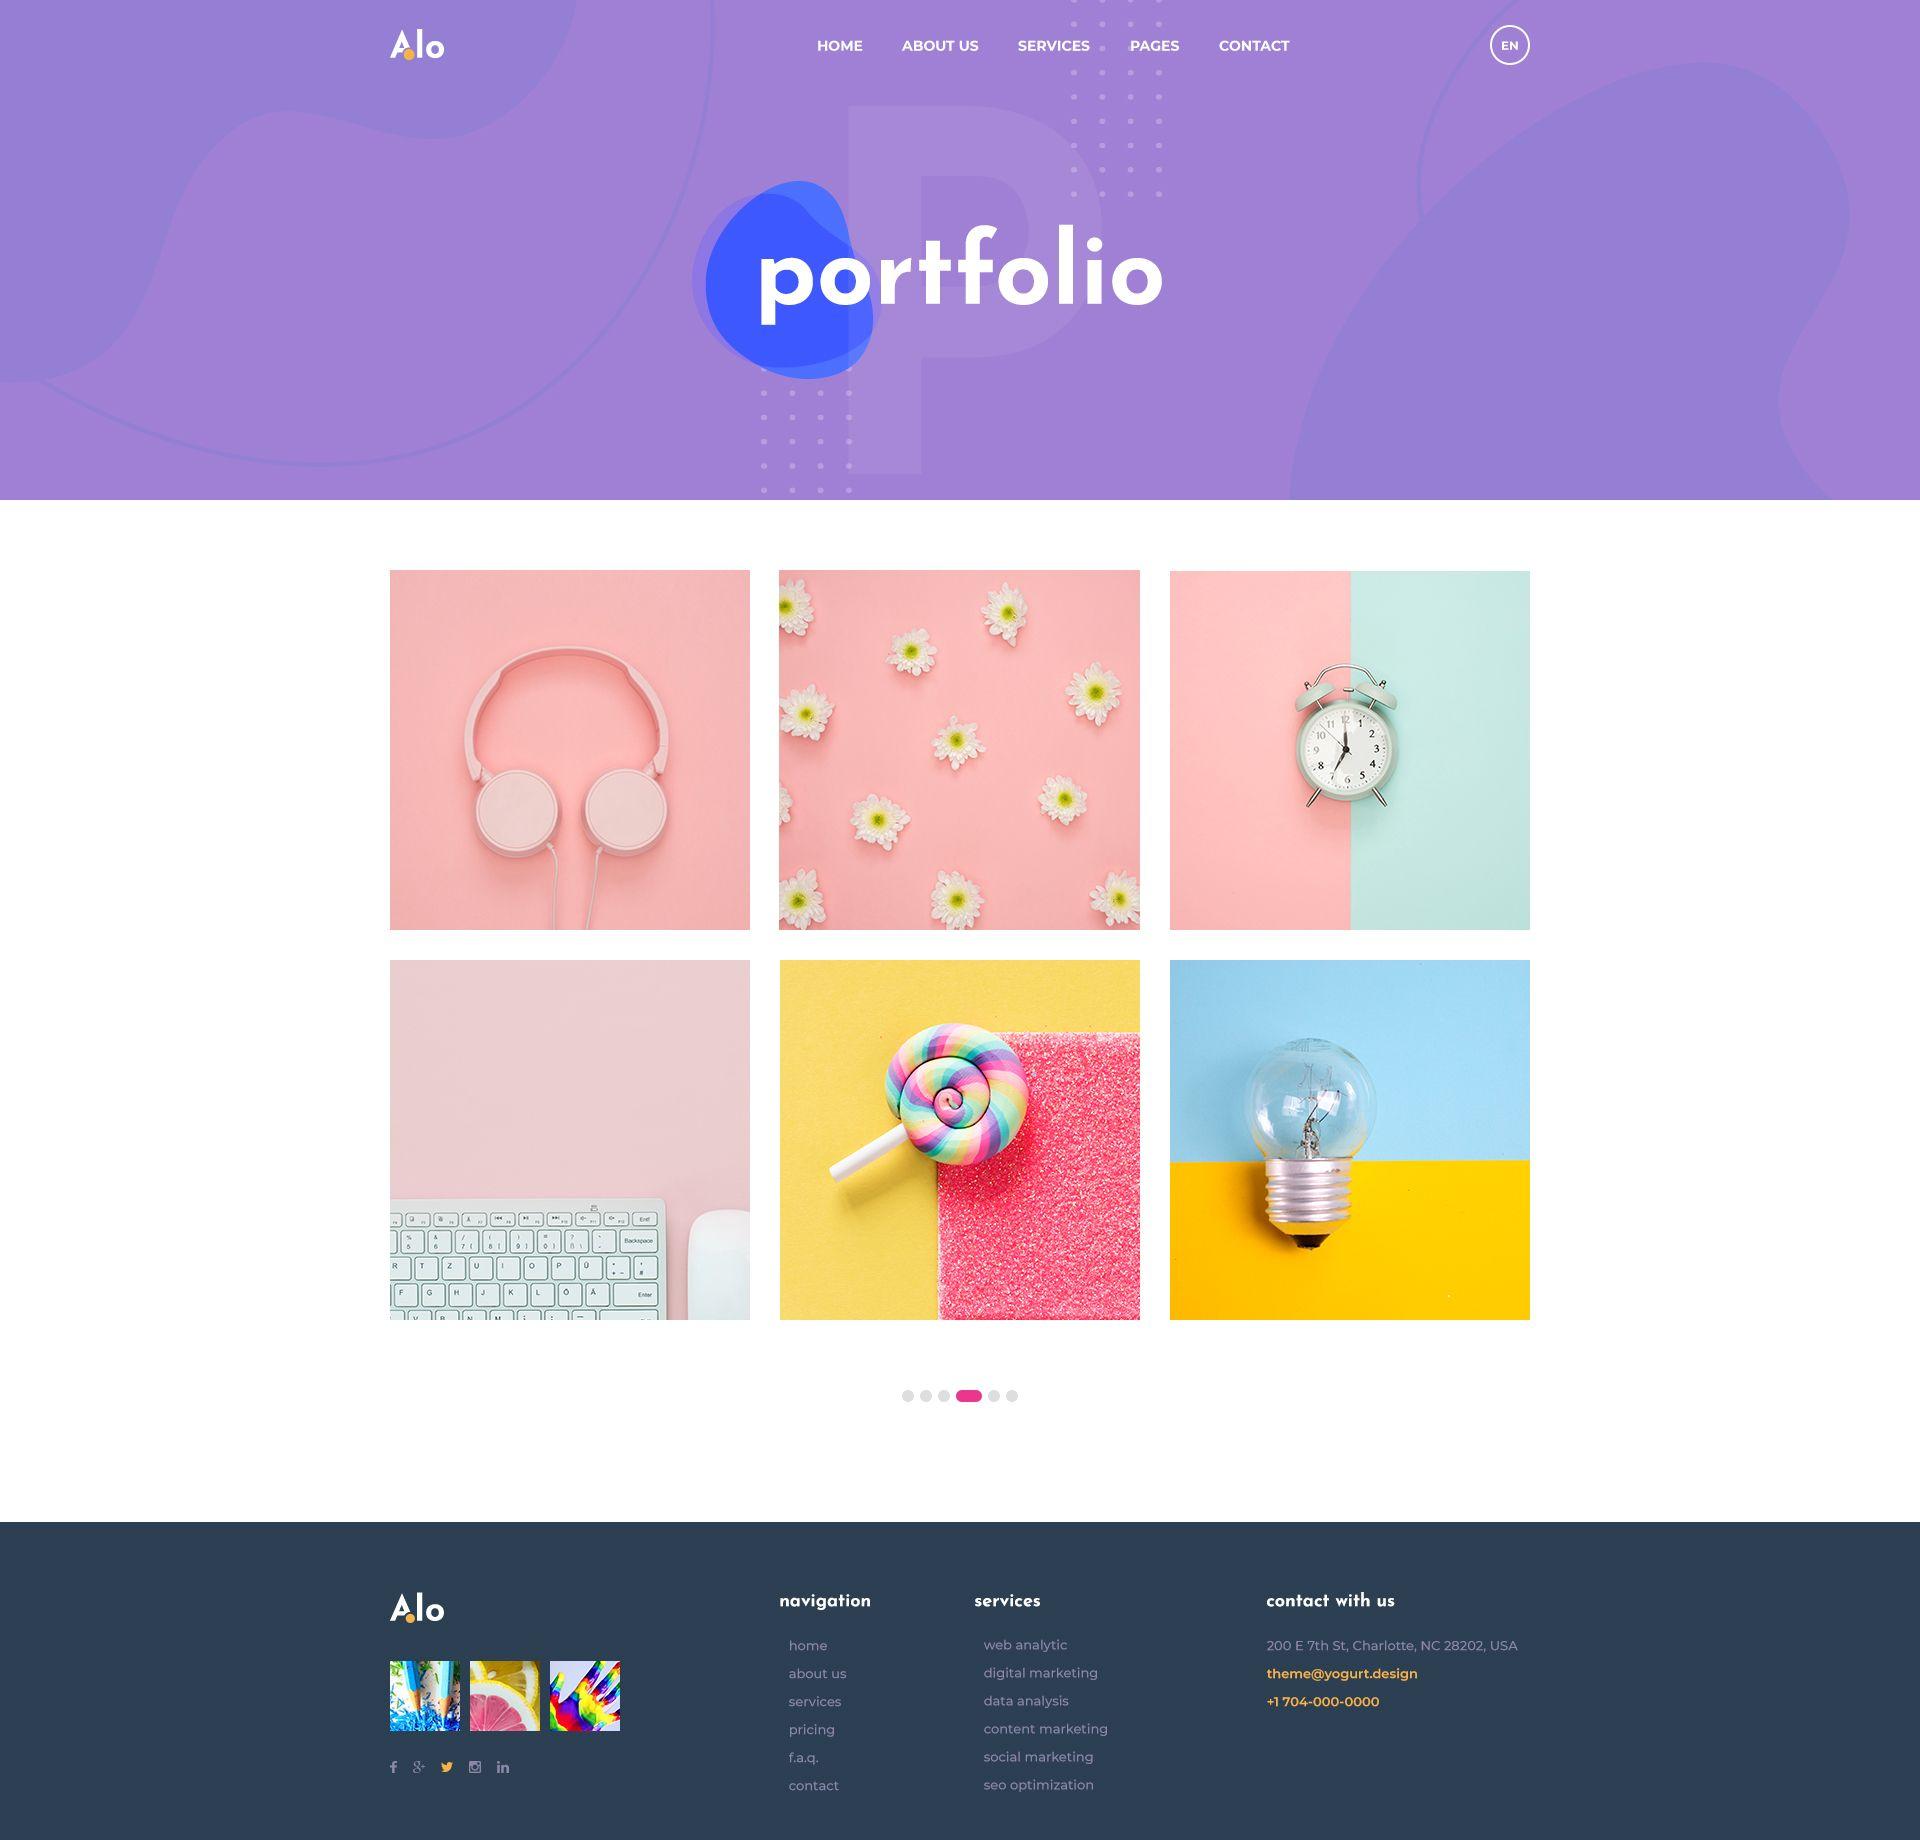 Alo Multipurpose Creative Psd Template Multipurpose Alo Creative Template With Images Psd Templates Templates Creative